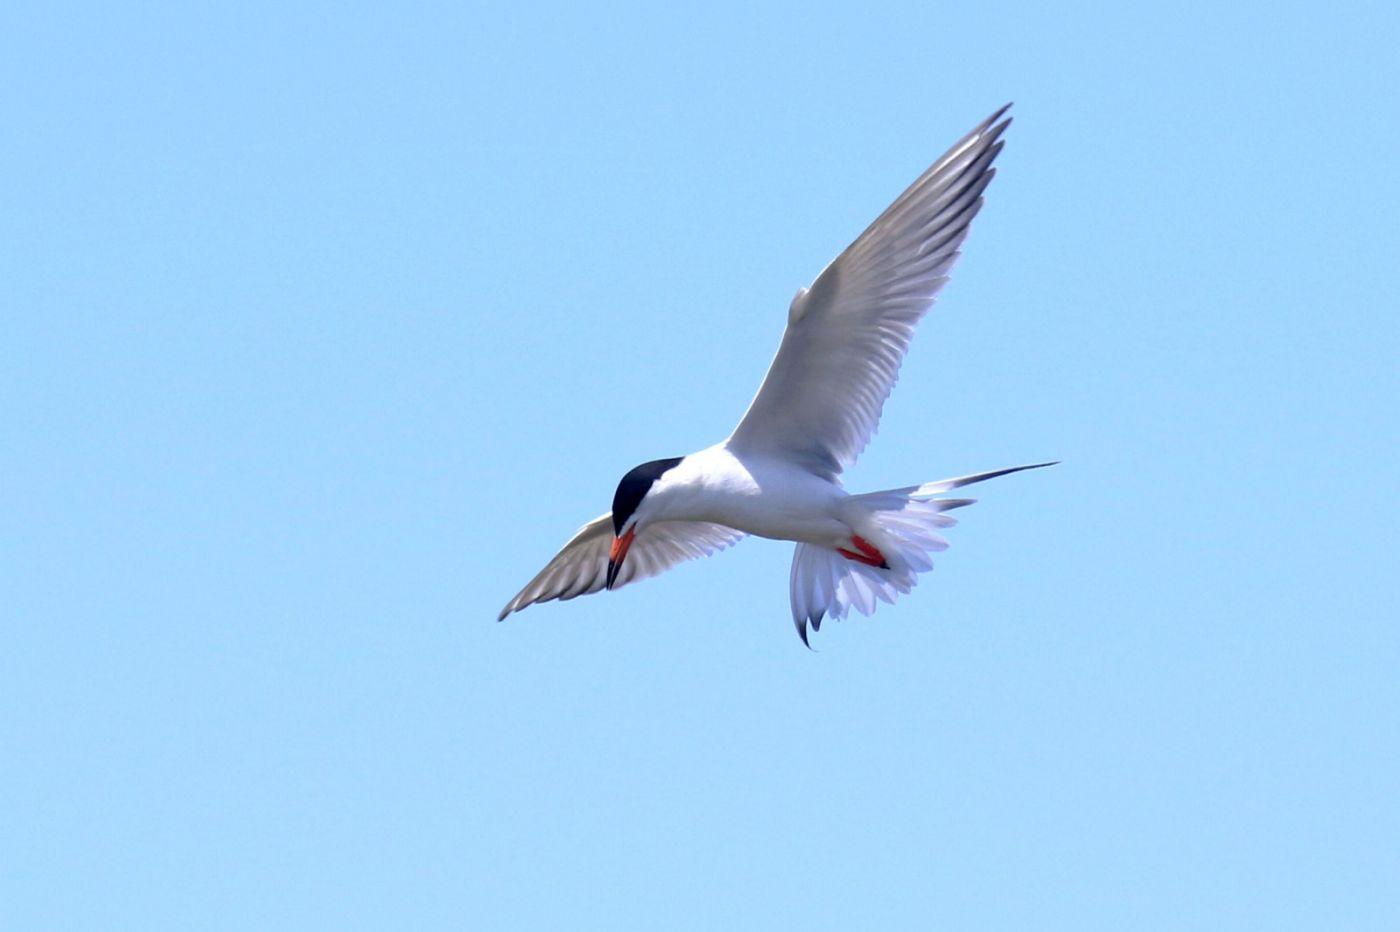 燕鸥捕鱼_图1-2